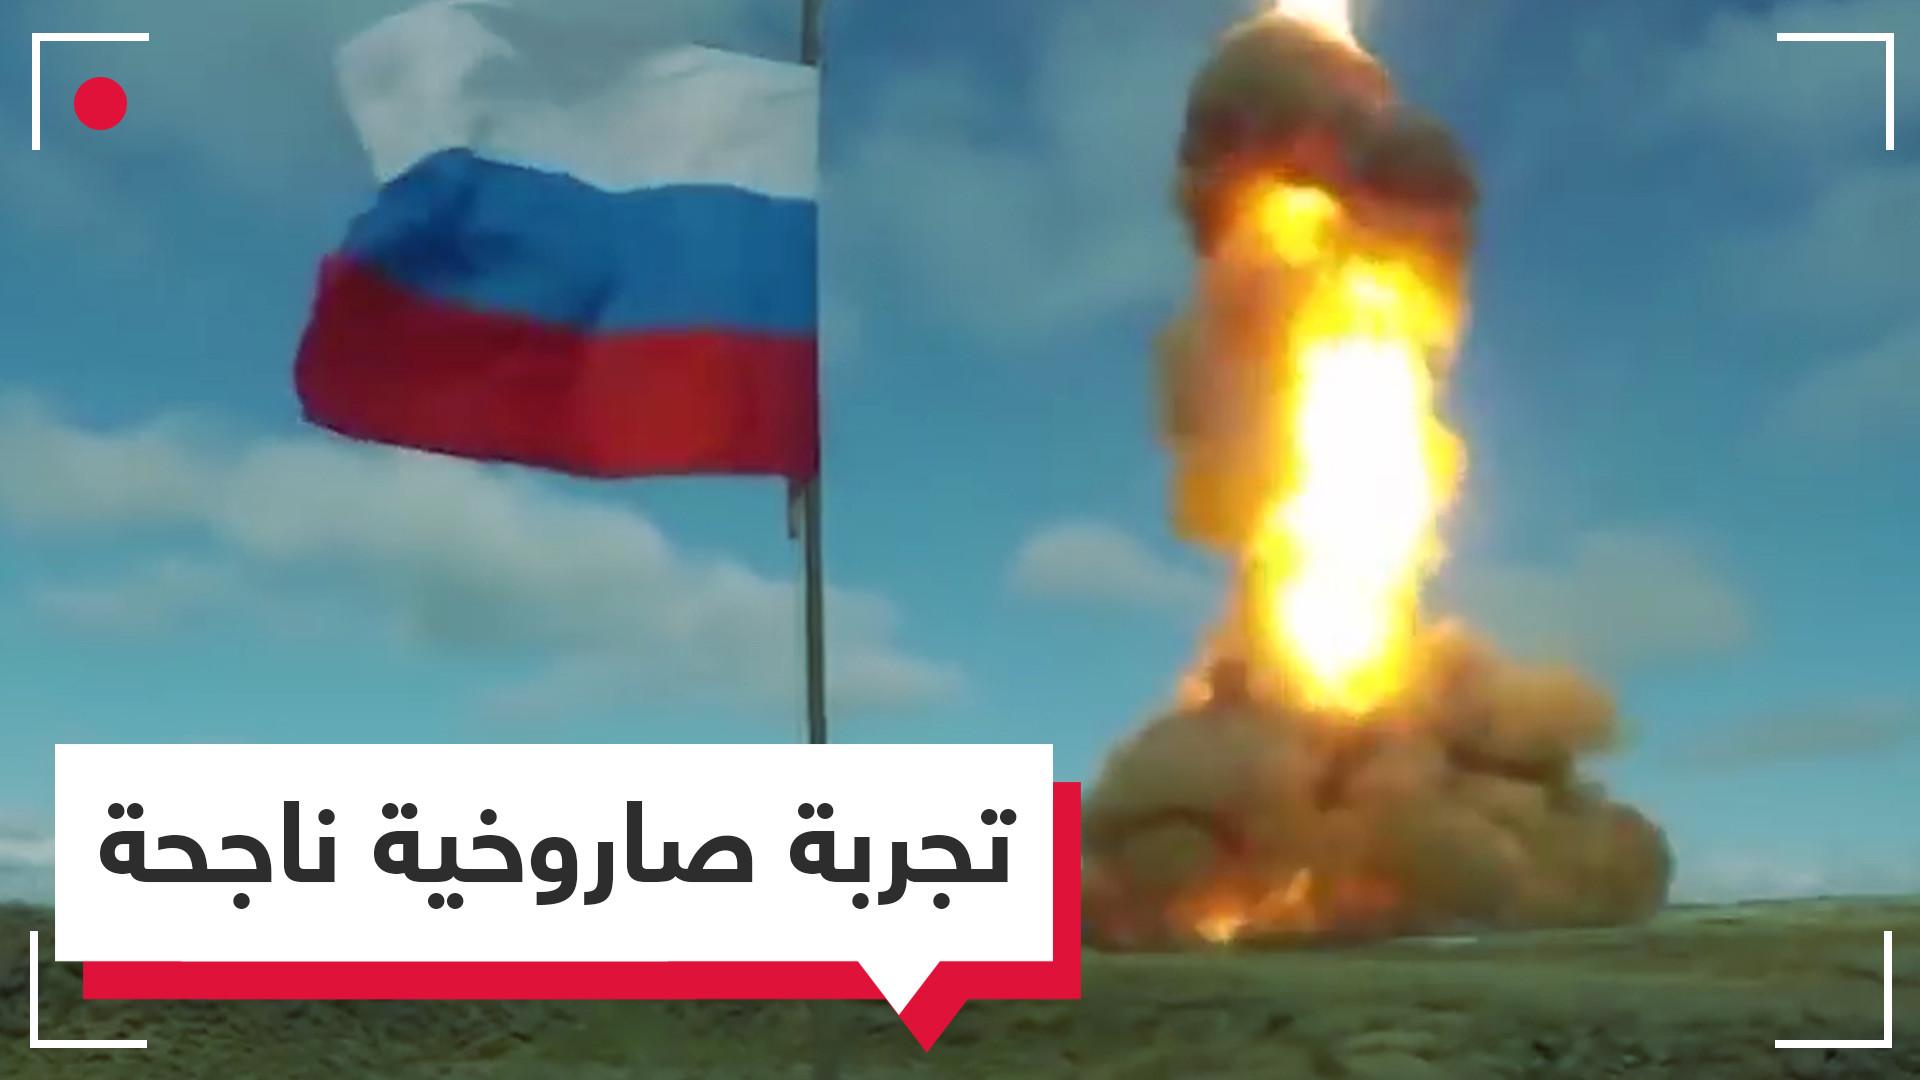 مضاد للصواريخ واسمه لم يعلن.. نجاح اختبار صاروخ روسي لحماية موسكو